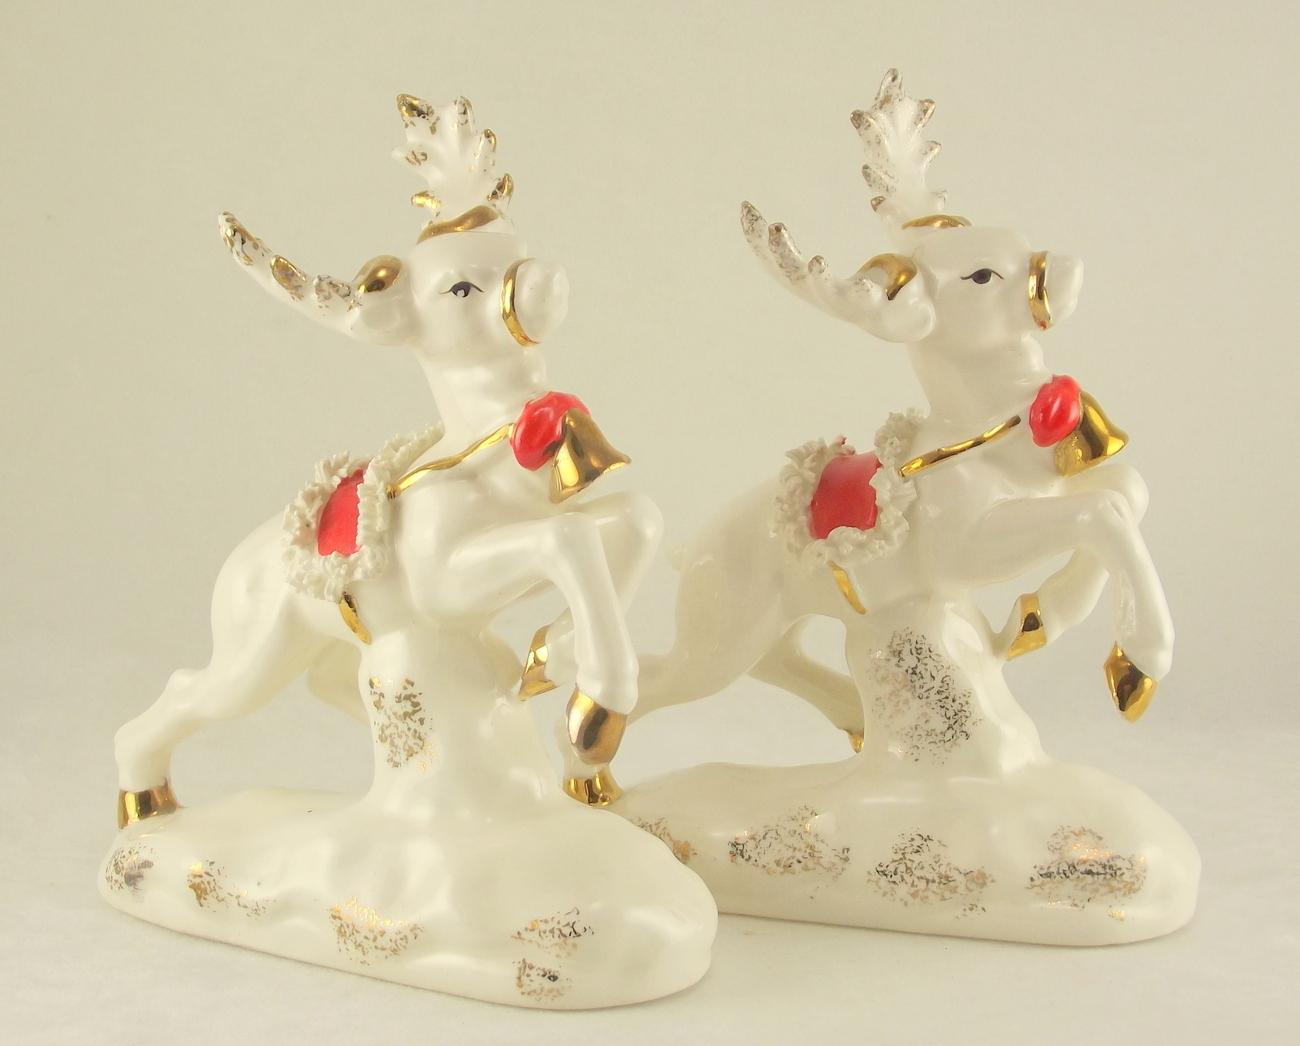 Napco_reindeer_figurines_2